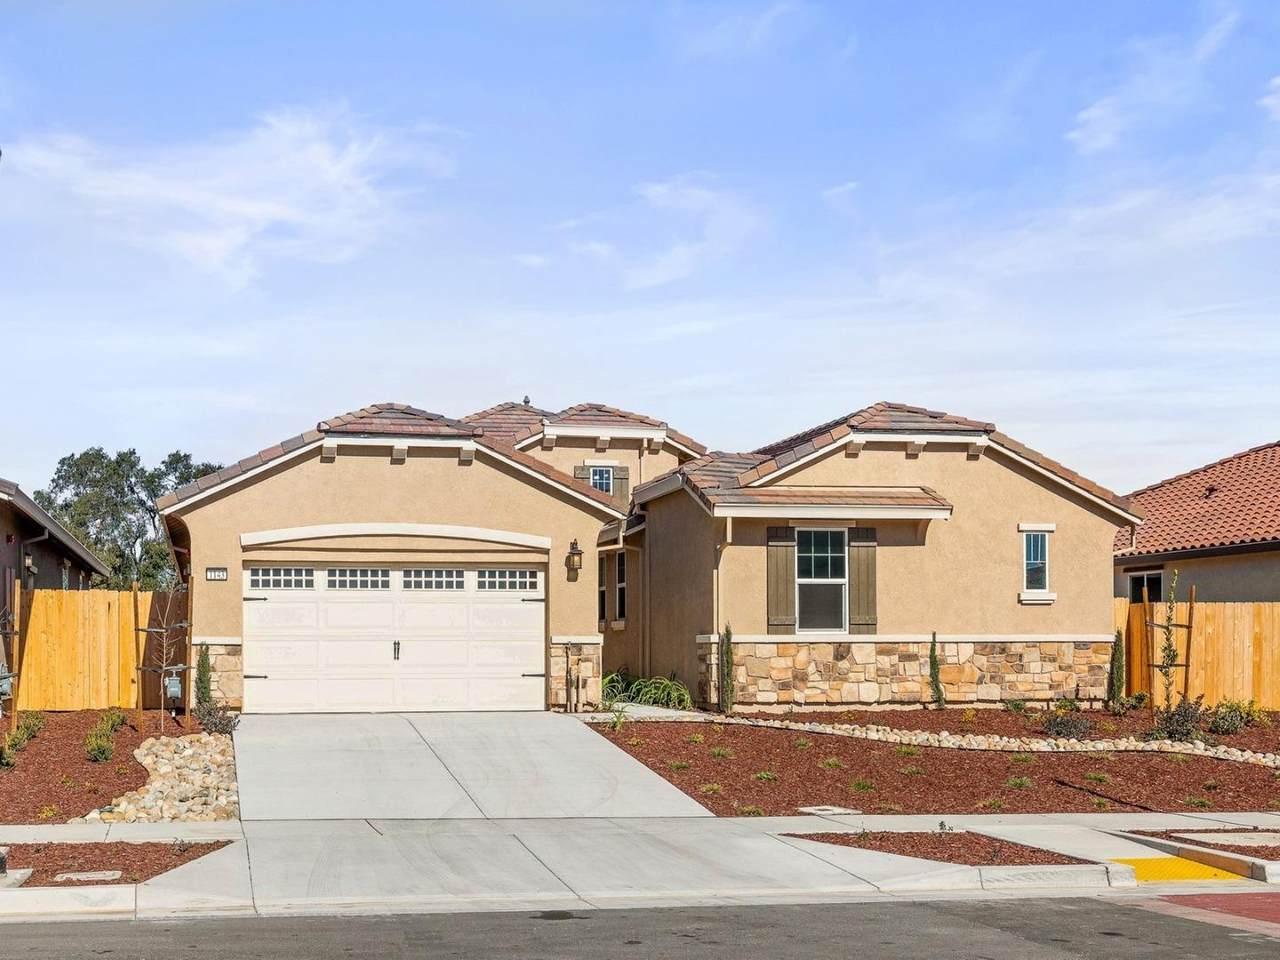 1143 Rancho Way - Photo 1